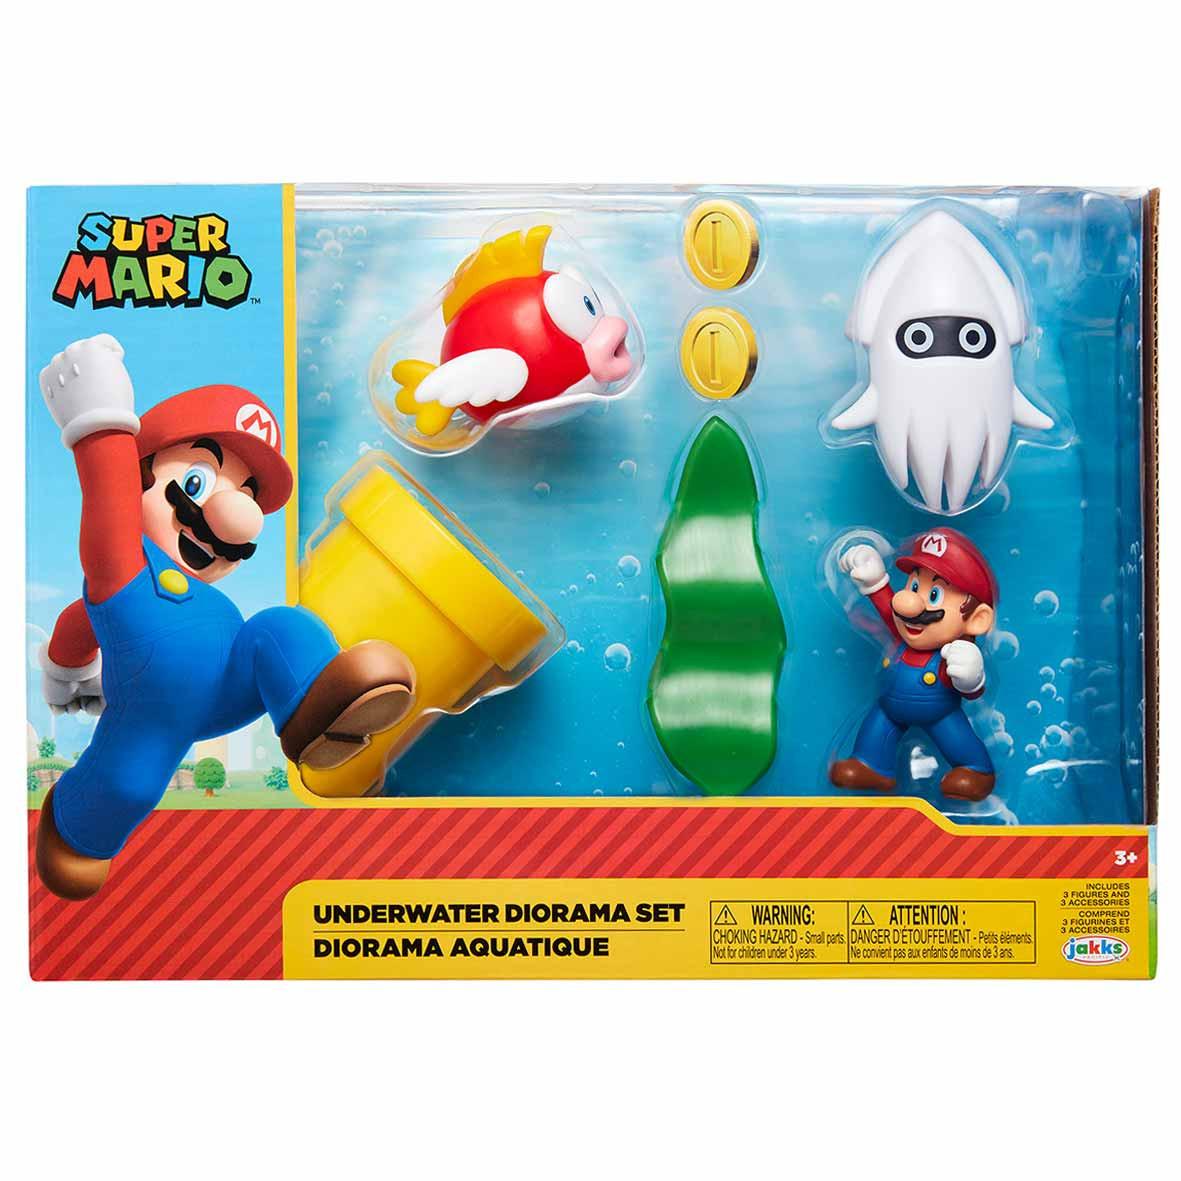 Super Mario Nintendo Underwater Diorama Set